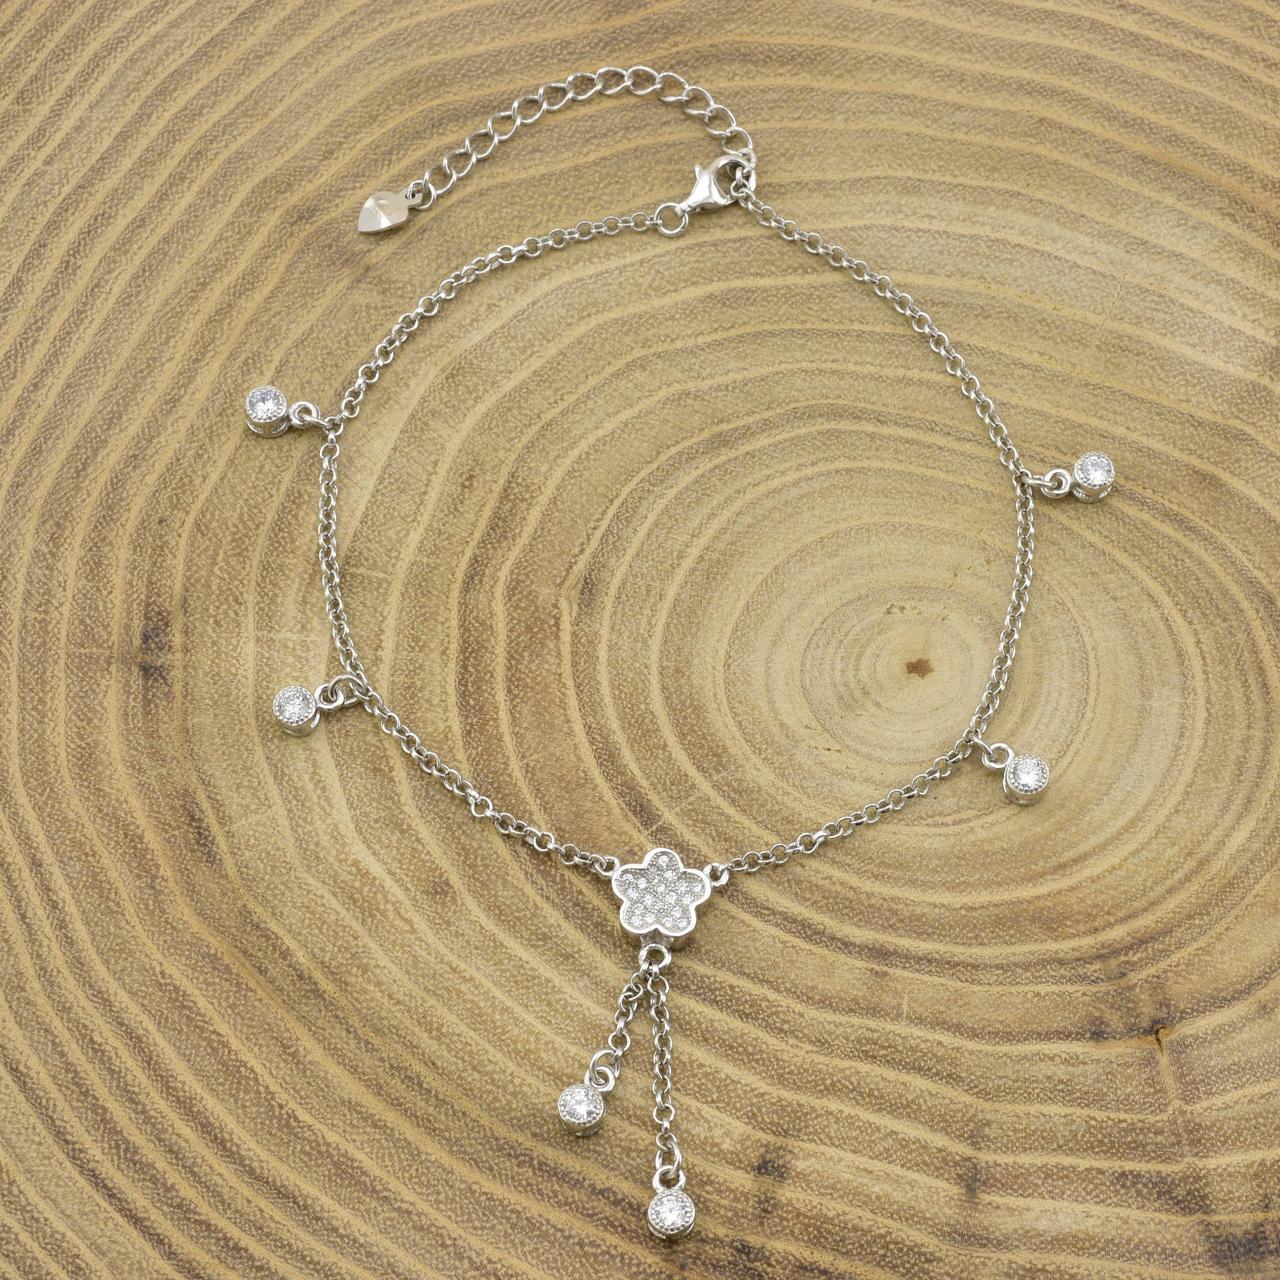 Серебряный браслет на ногу длина 22+4 см ширина 9 мм вставка белые фианиты вес серебра 5.45 г